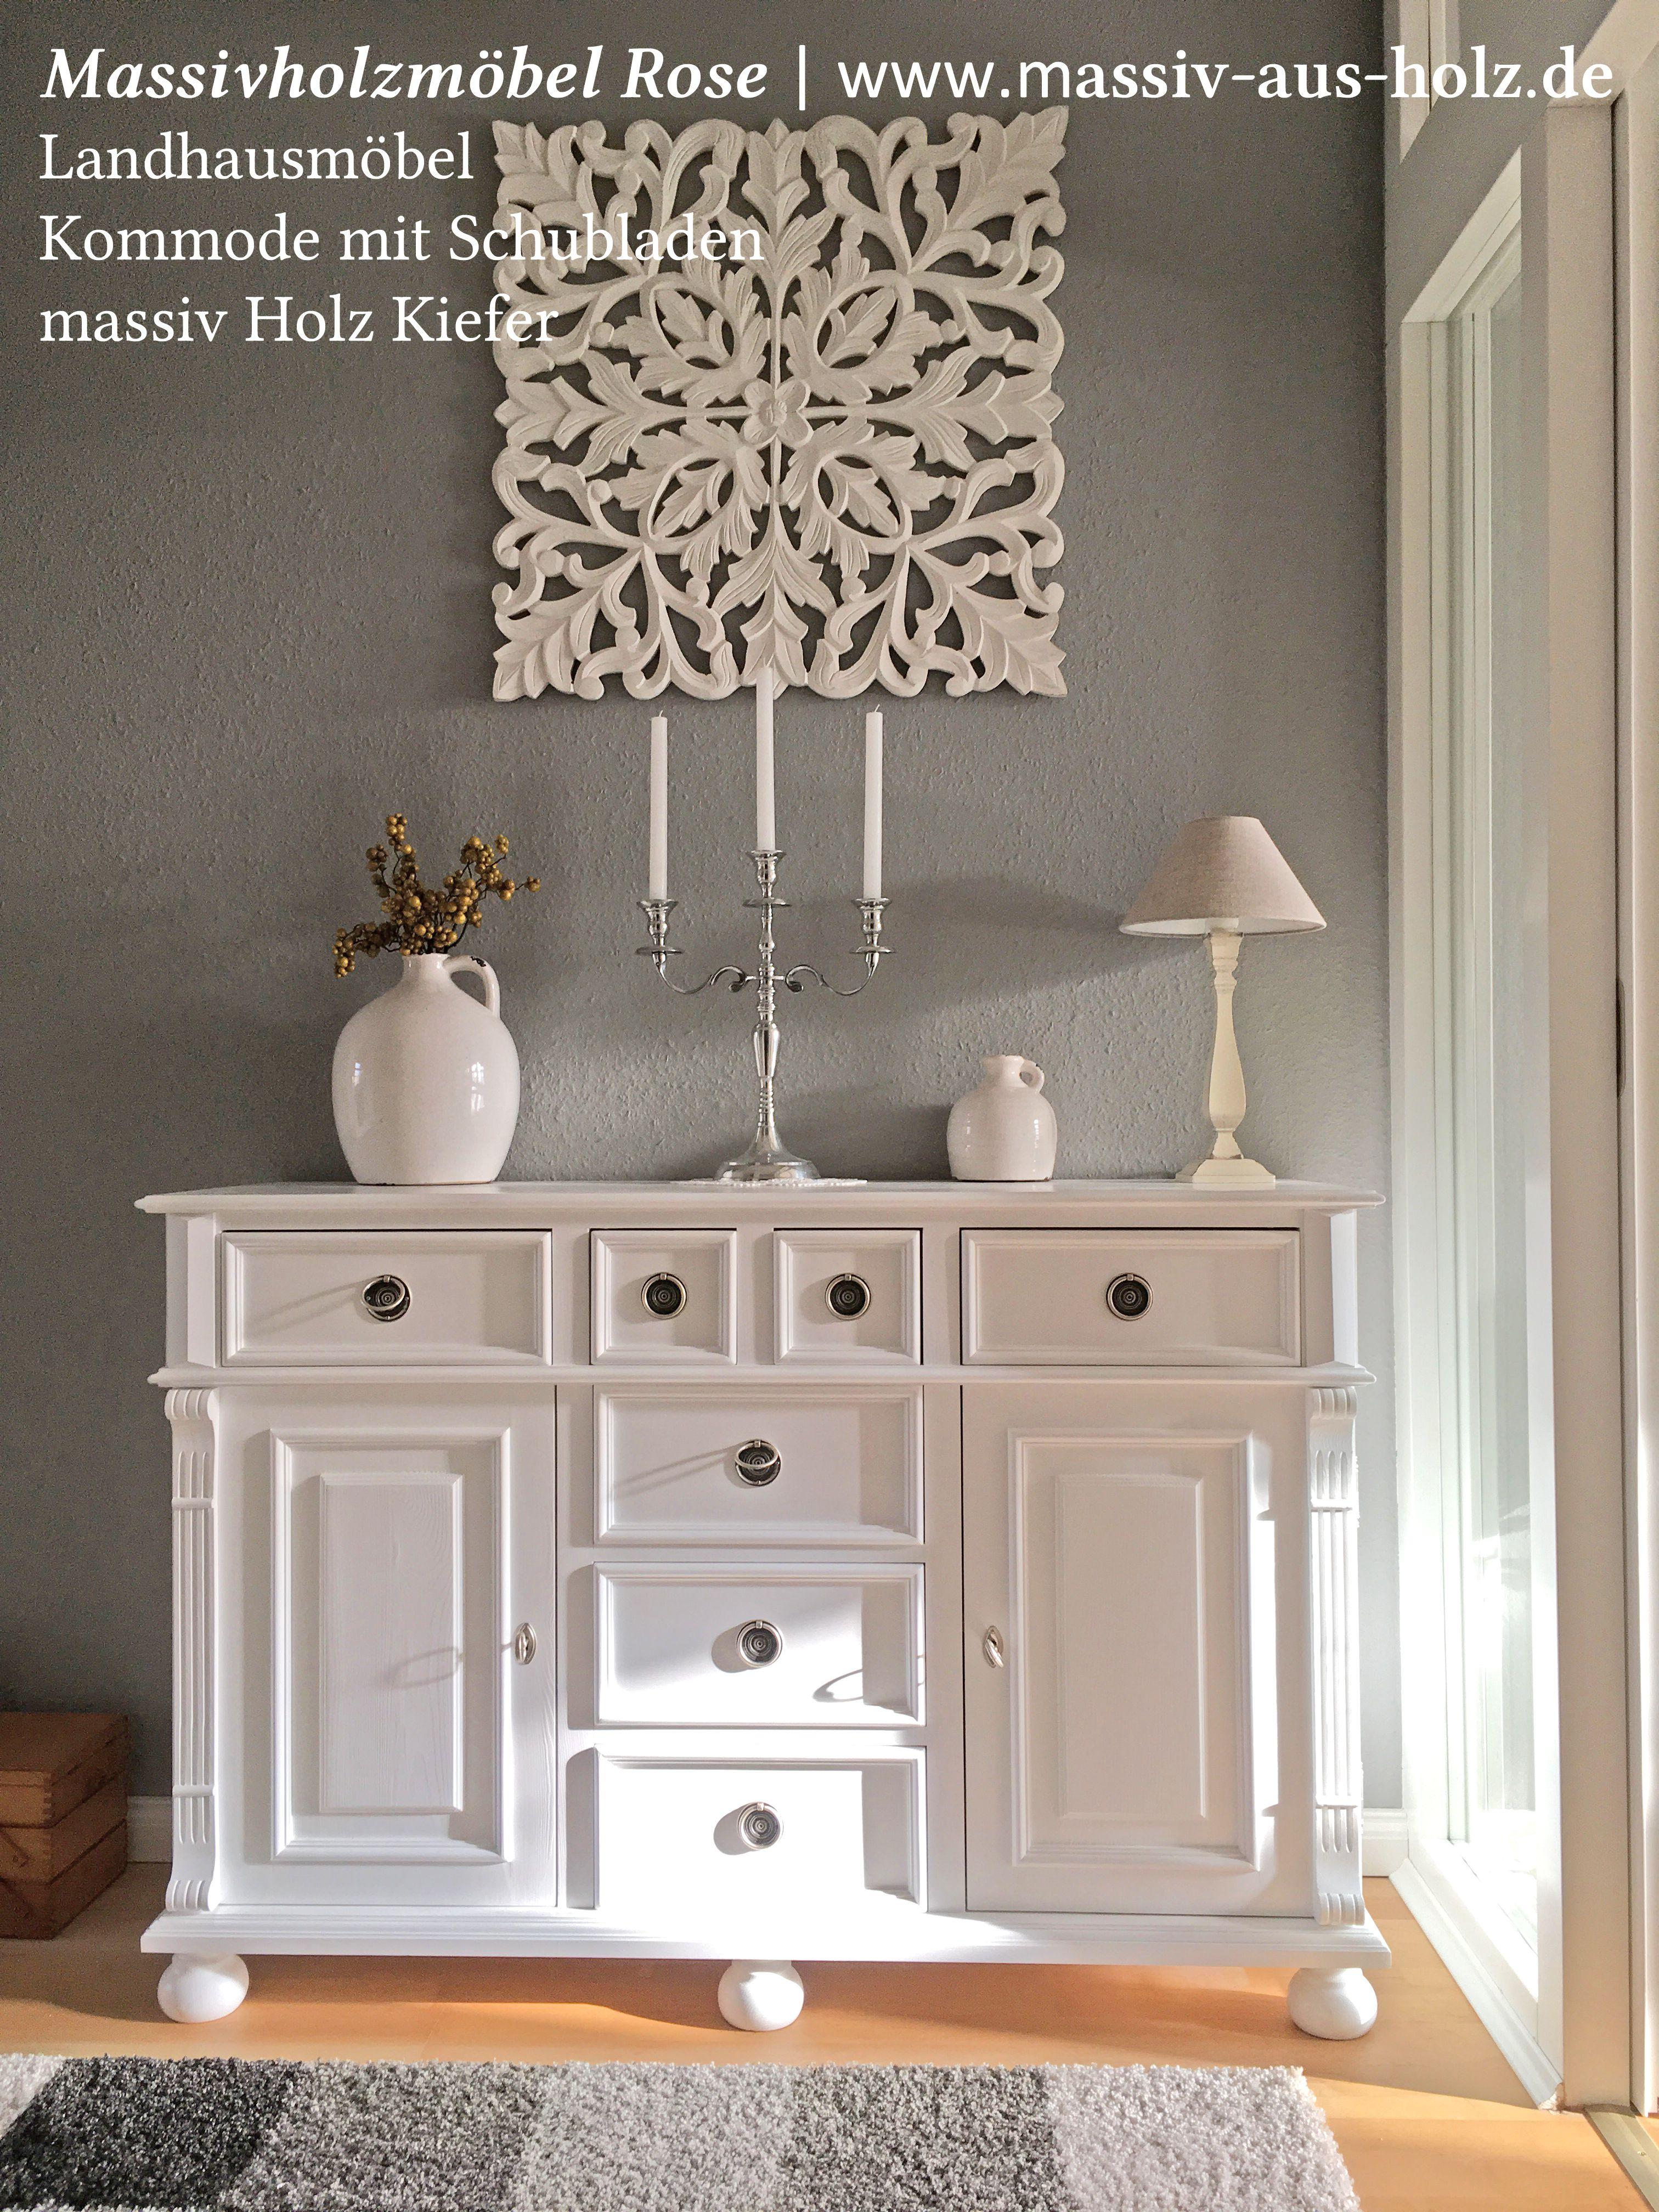 Möbel wohnzimmer massiv  Eintreten und Wohlfühlen – #weiße #Möbel machen den Empfang zu ...